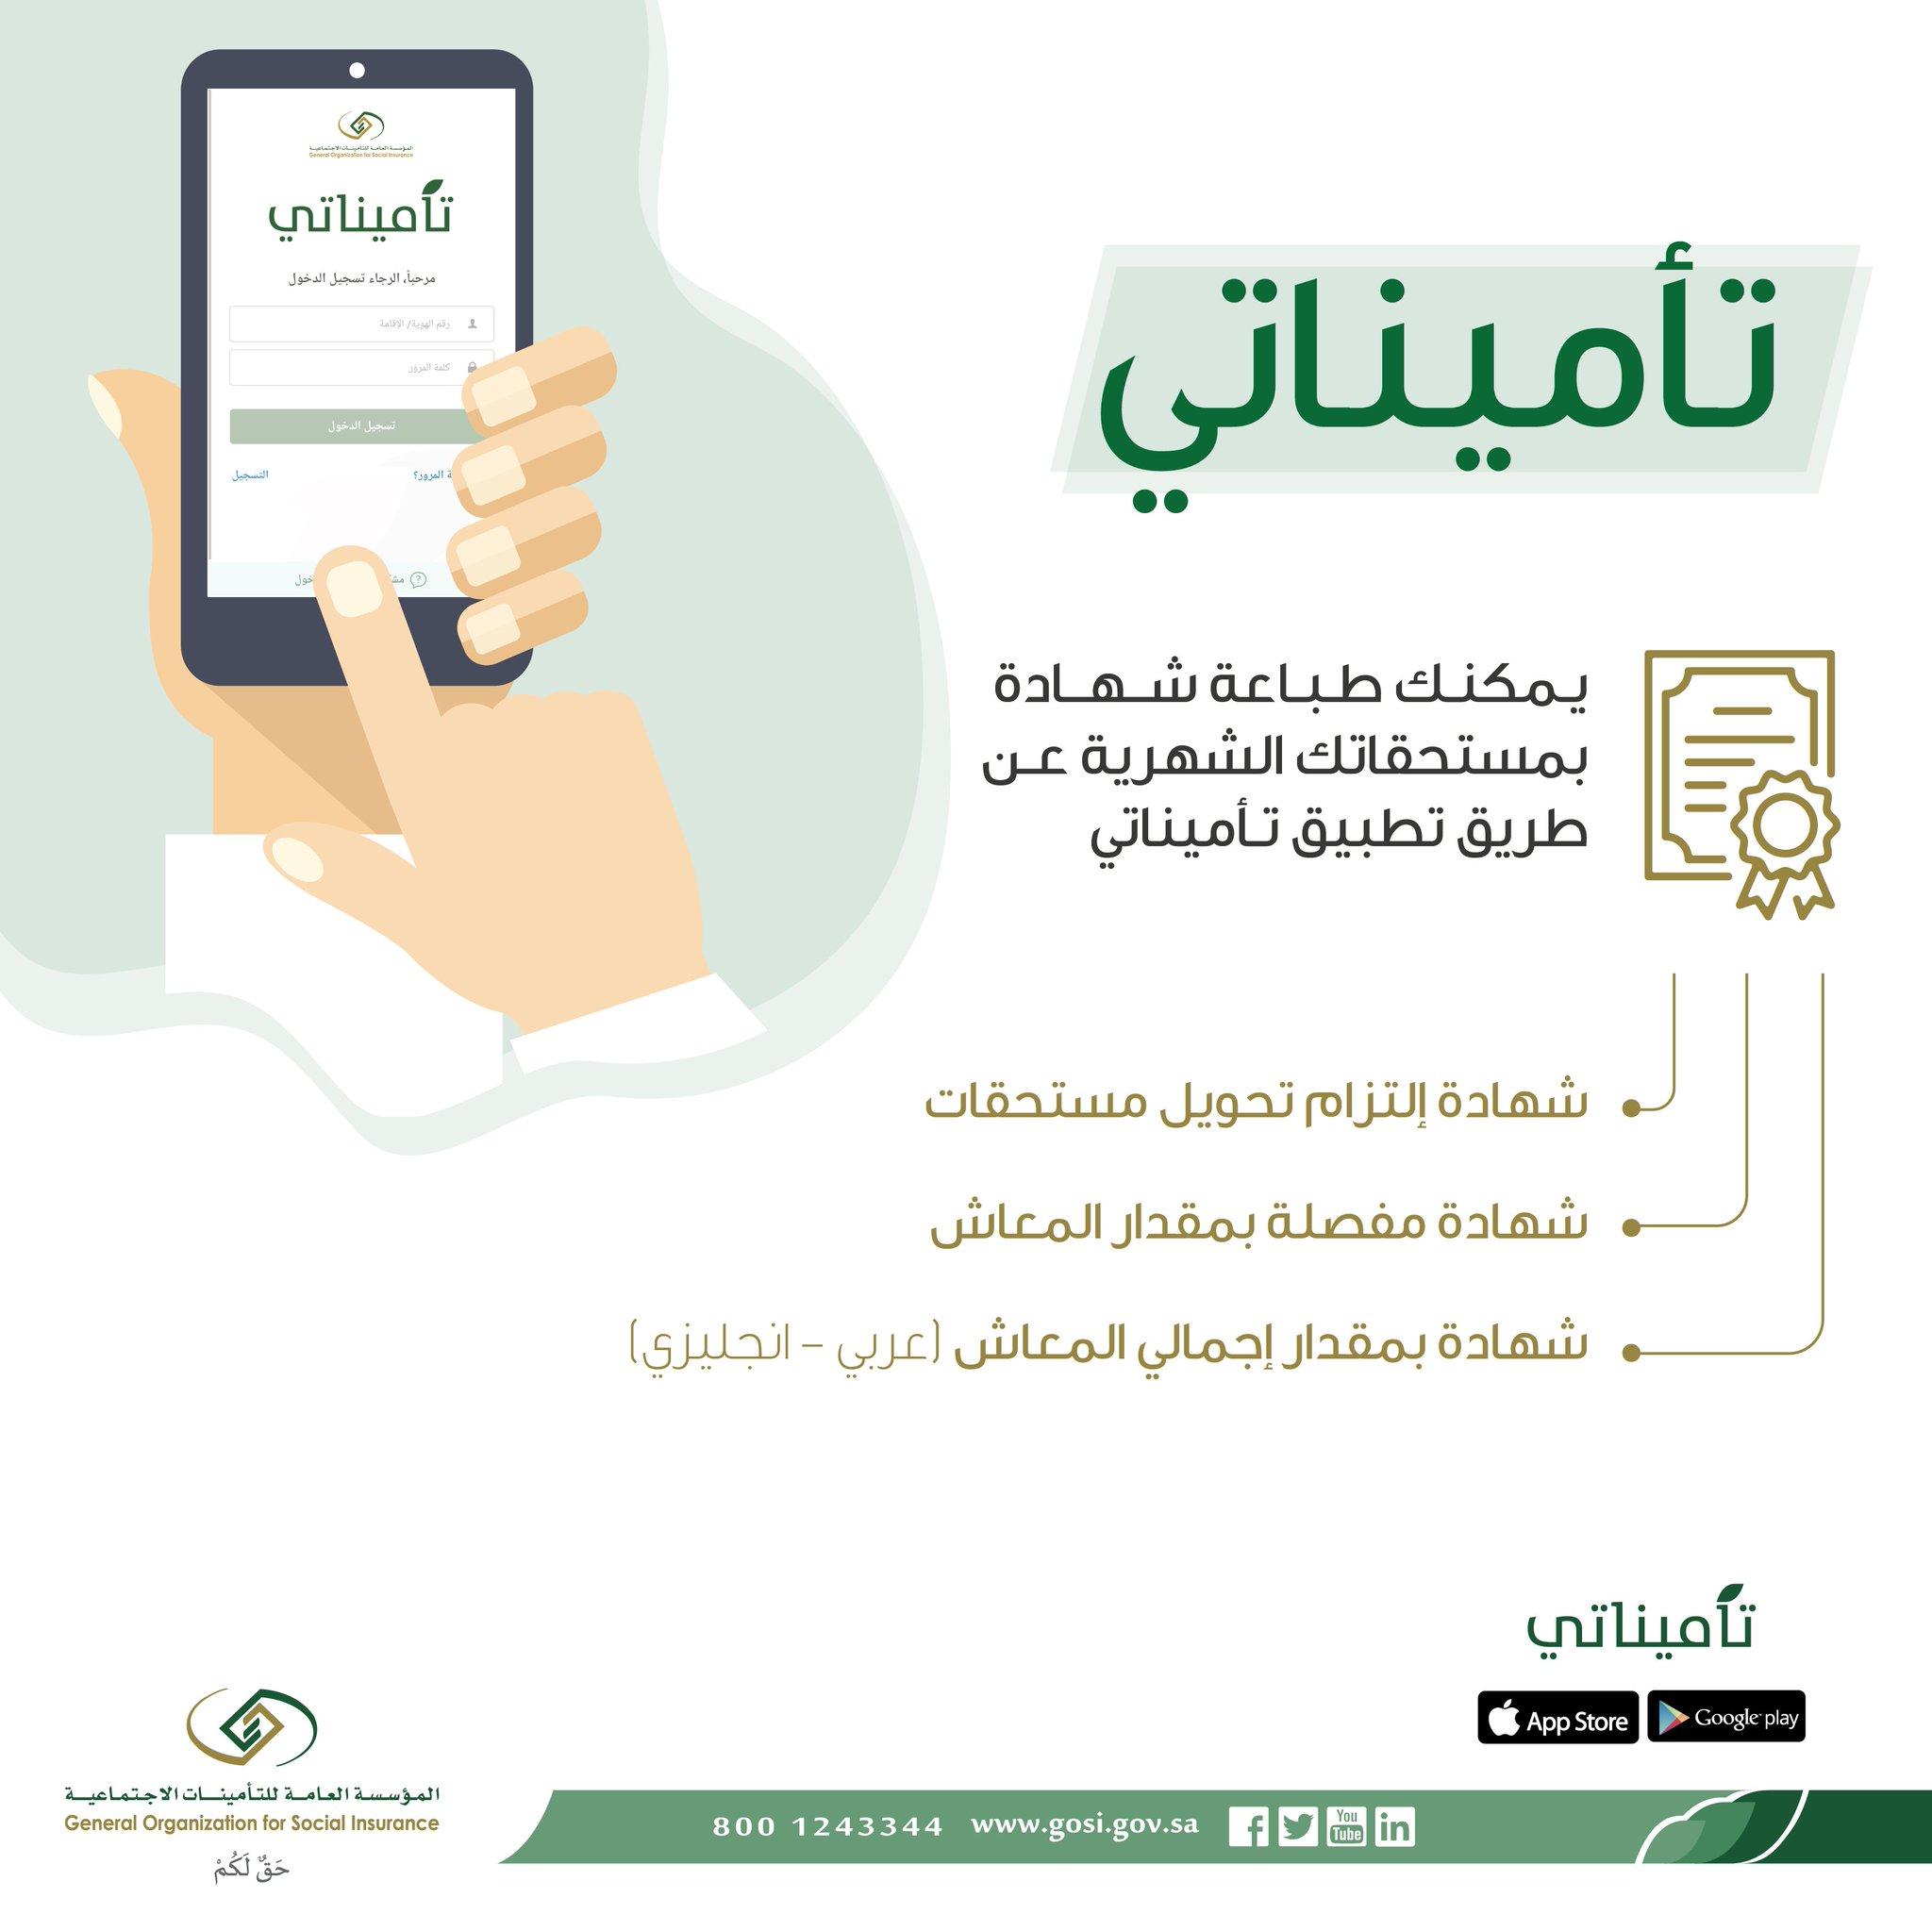 التأمينات الاجتماعية On Twitter يمكنك طباعة شهادة إلكترونية بمستحقاتك الشهرية عن طريق تطبيق تأميناتي أبل Https T Co 1gpigtq8to اندرويد Https T Co Oztiy8dnrs Https T Co Vm54pmyehw